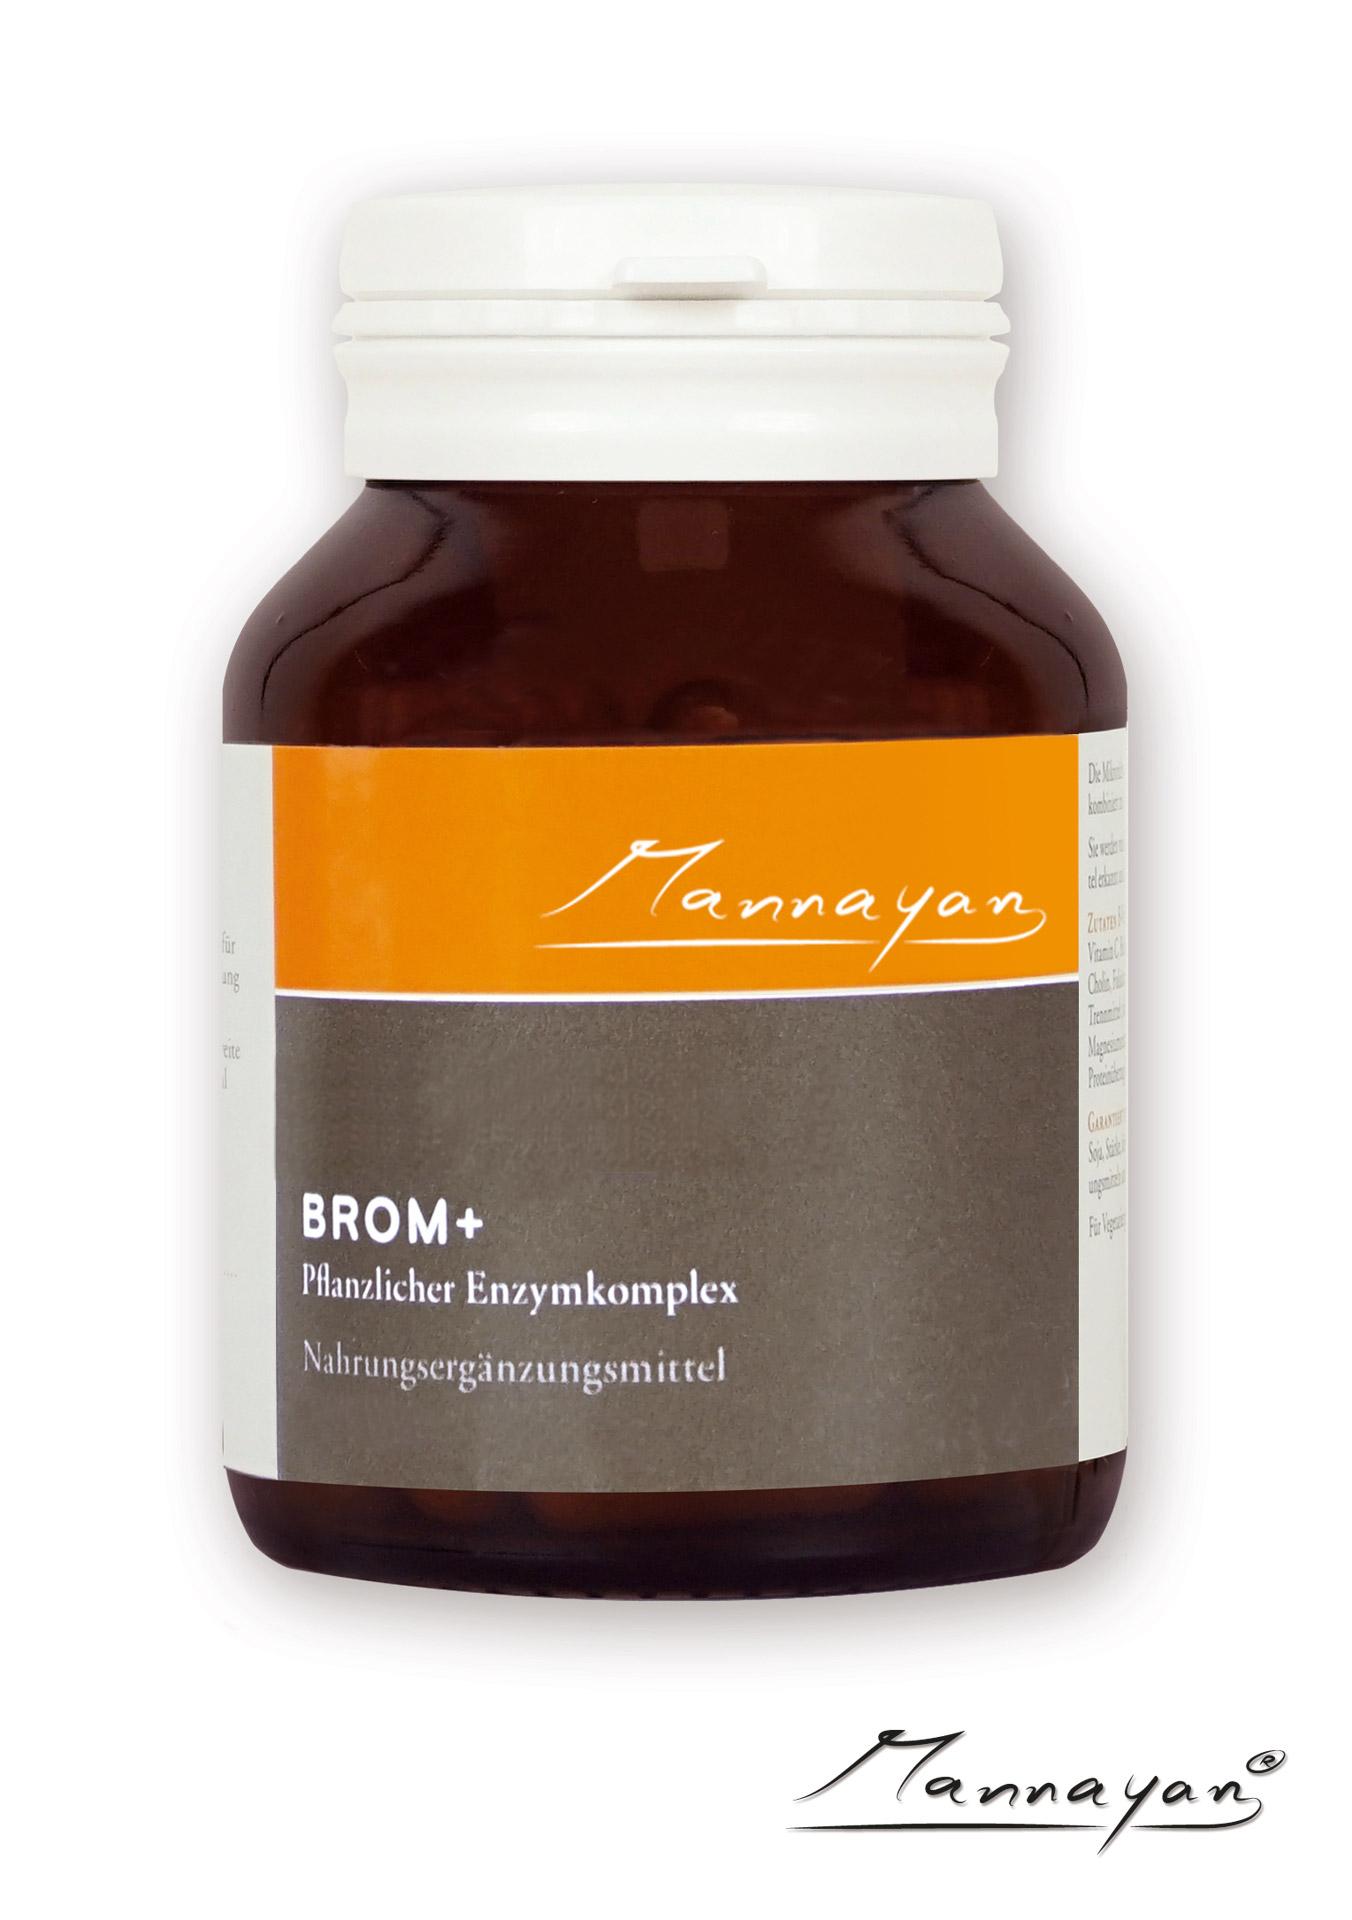 Brom+ von Mannayan